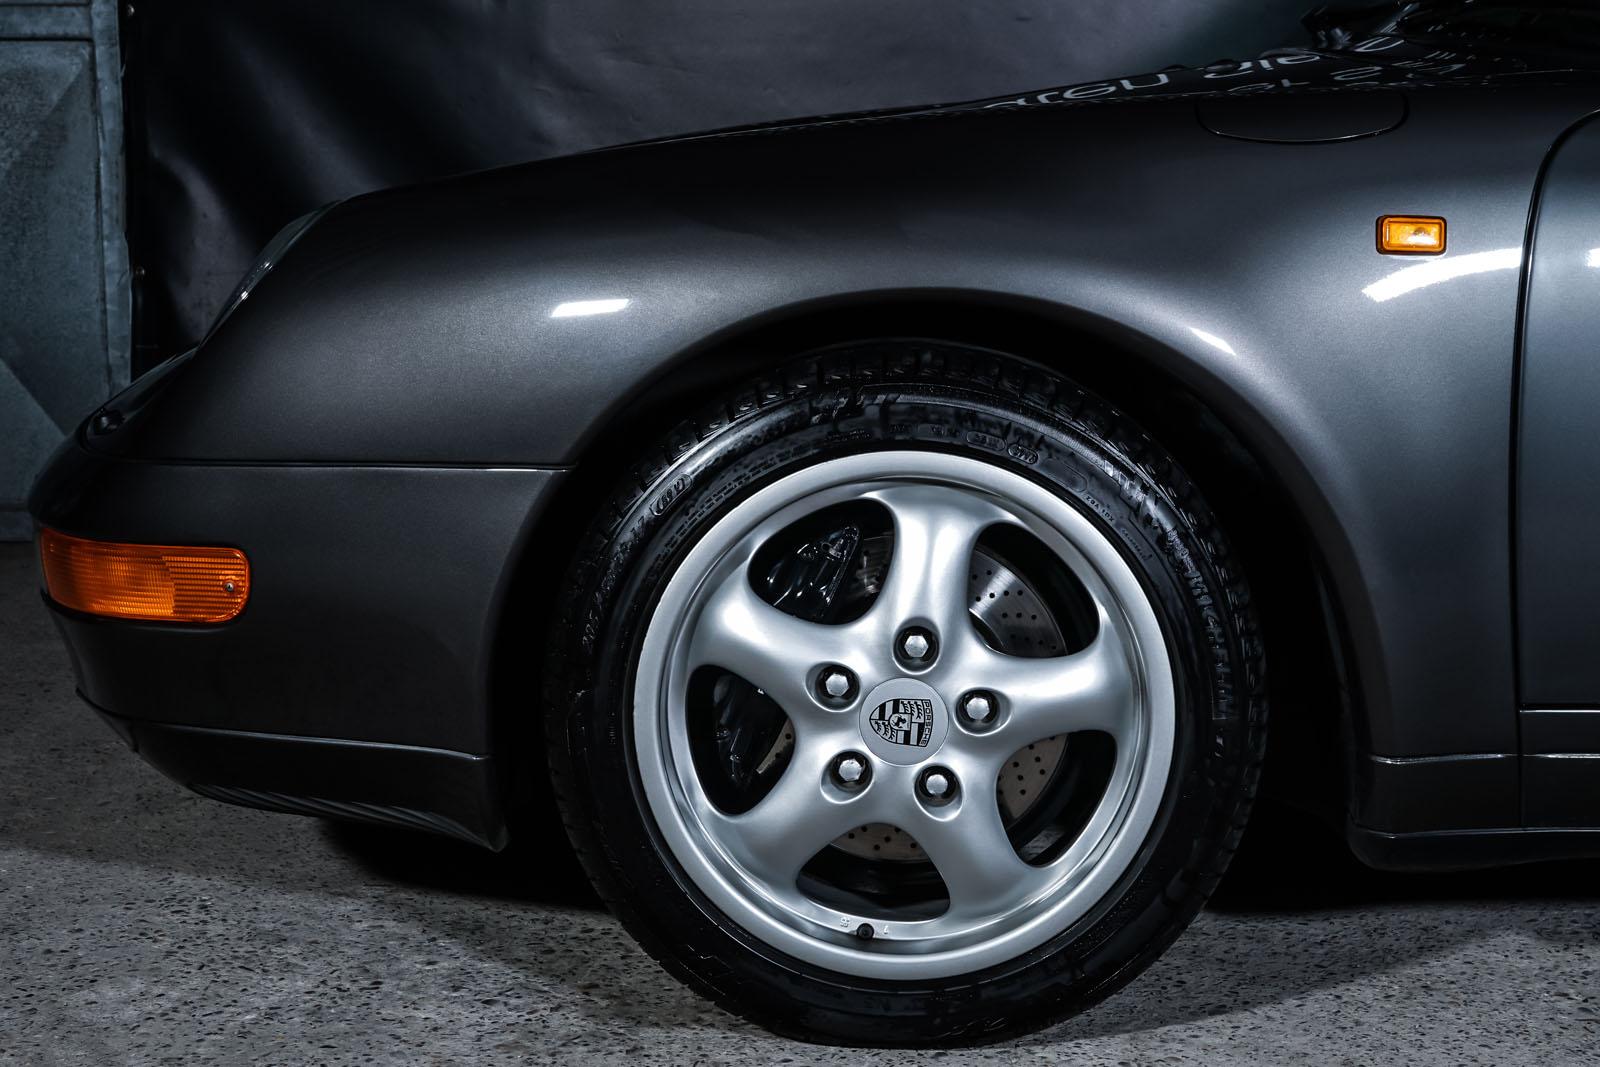 Porsche_993_Carrera_Cabrio_Grau_Schwarz_POR-2375_3_w